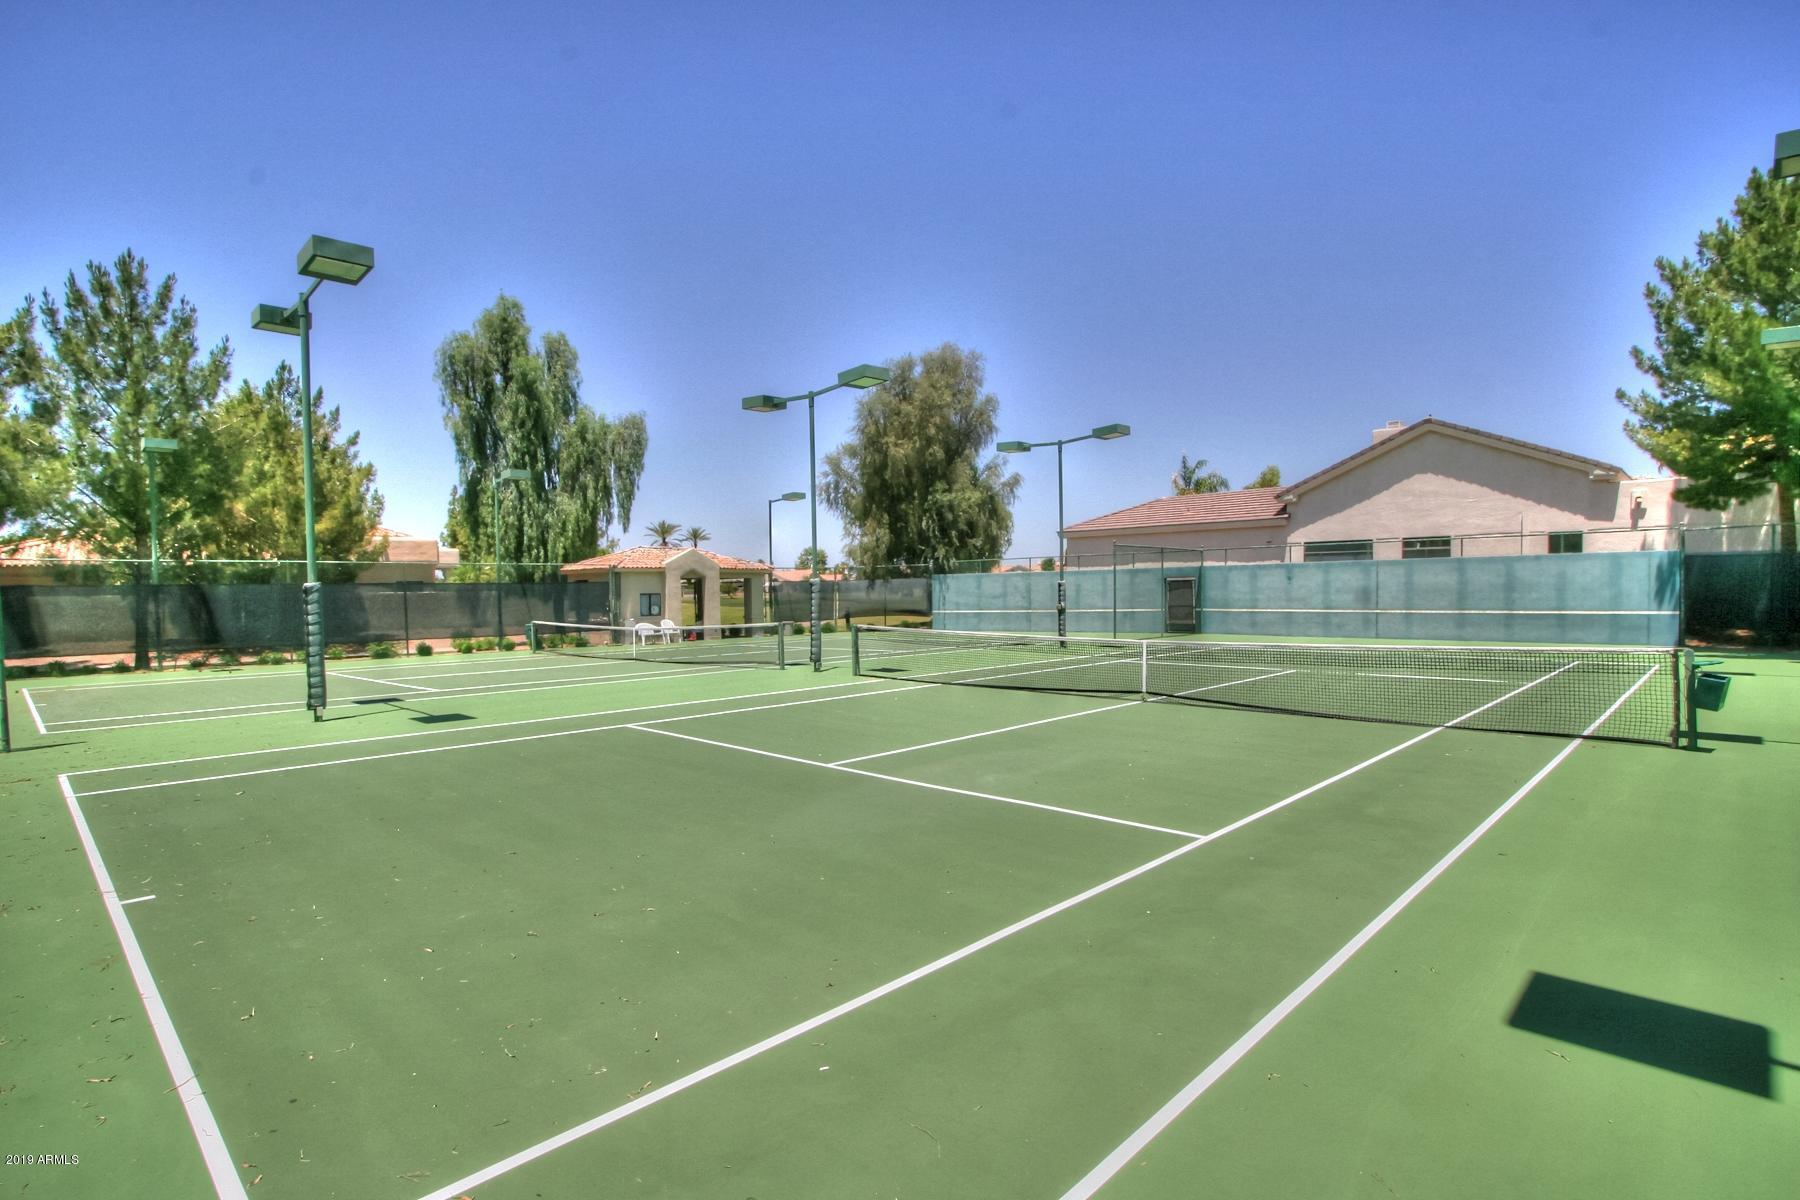 MLS 5960047 8344 E JENAN Drive, Scottsdale, AZ 85260 Scottsdale AZ Scottsdale Country Club